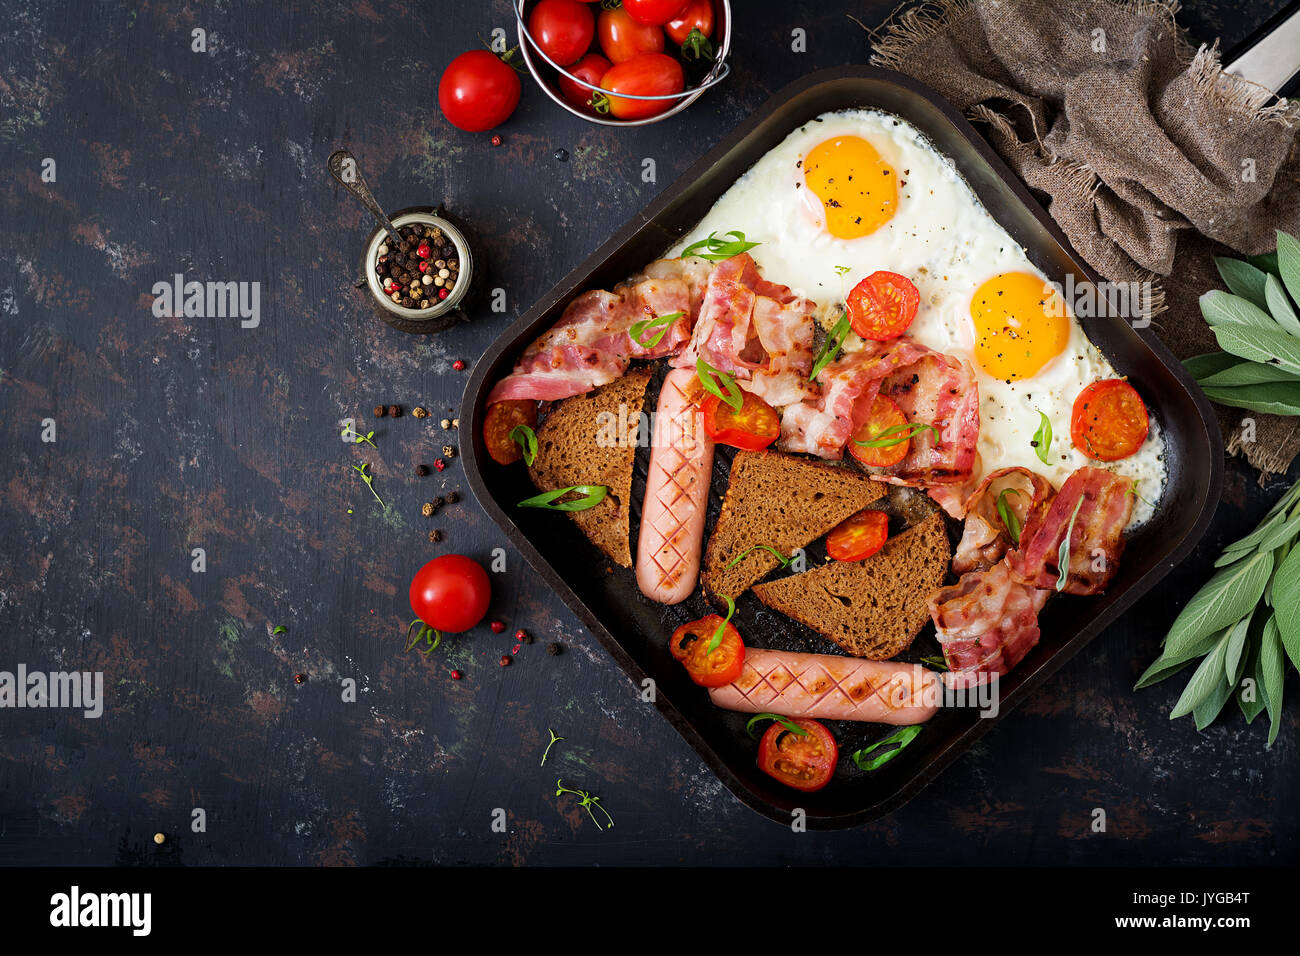 Prima colazione inglese - uova fritte, salsicce, pomodori, bacon e toast. Vista dall'alto. Lay piatto Immagini Stock